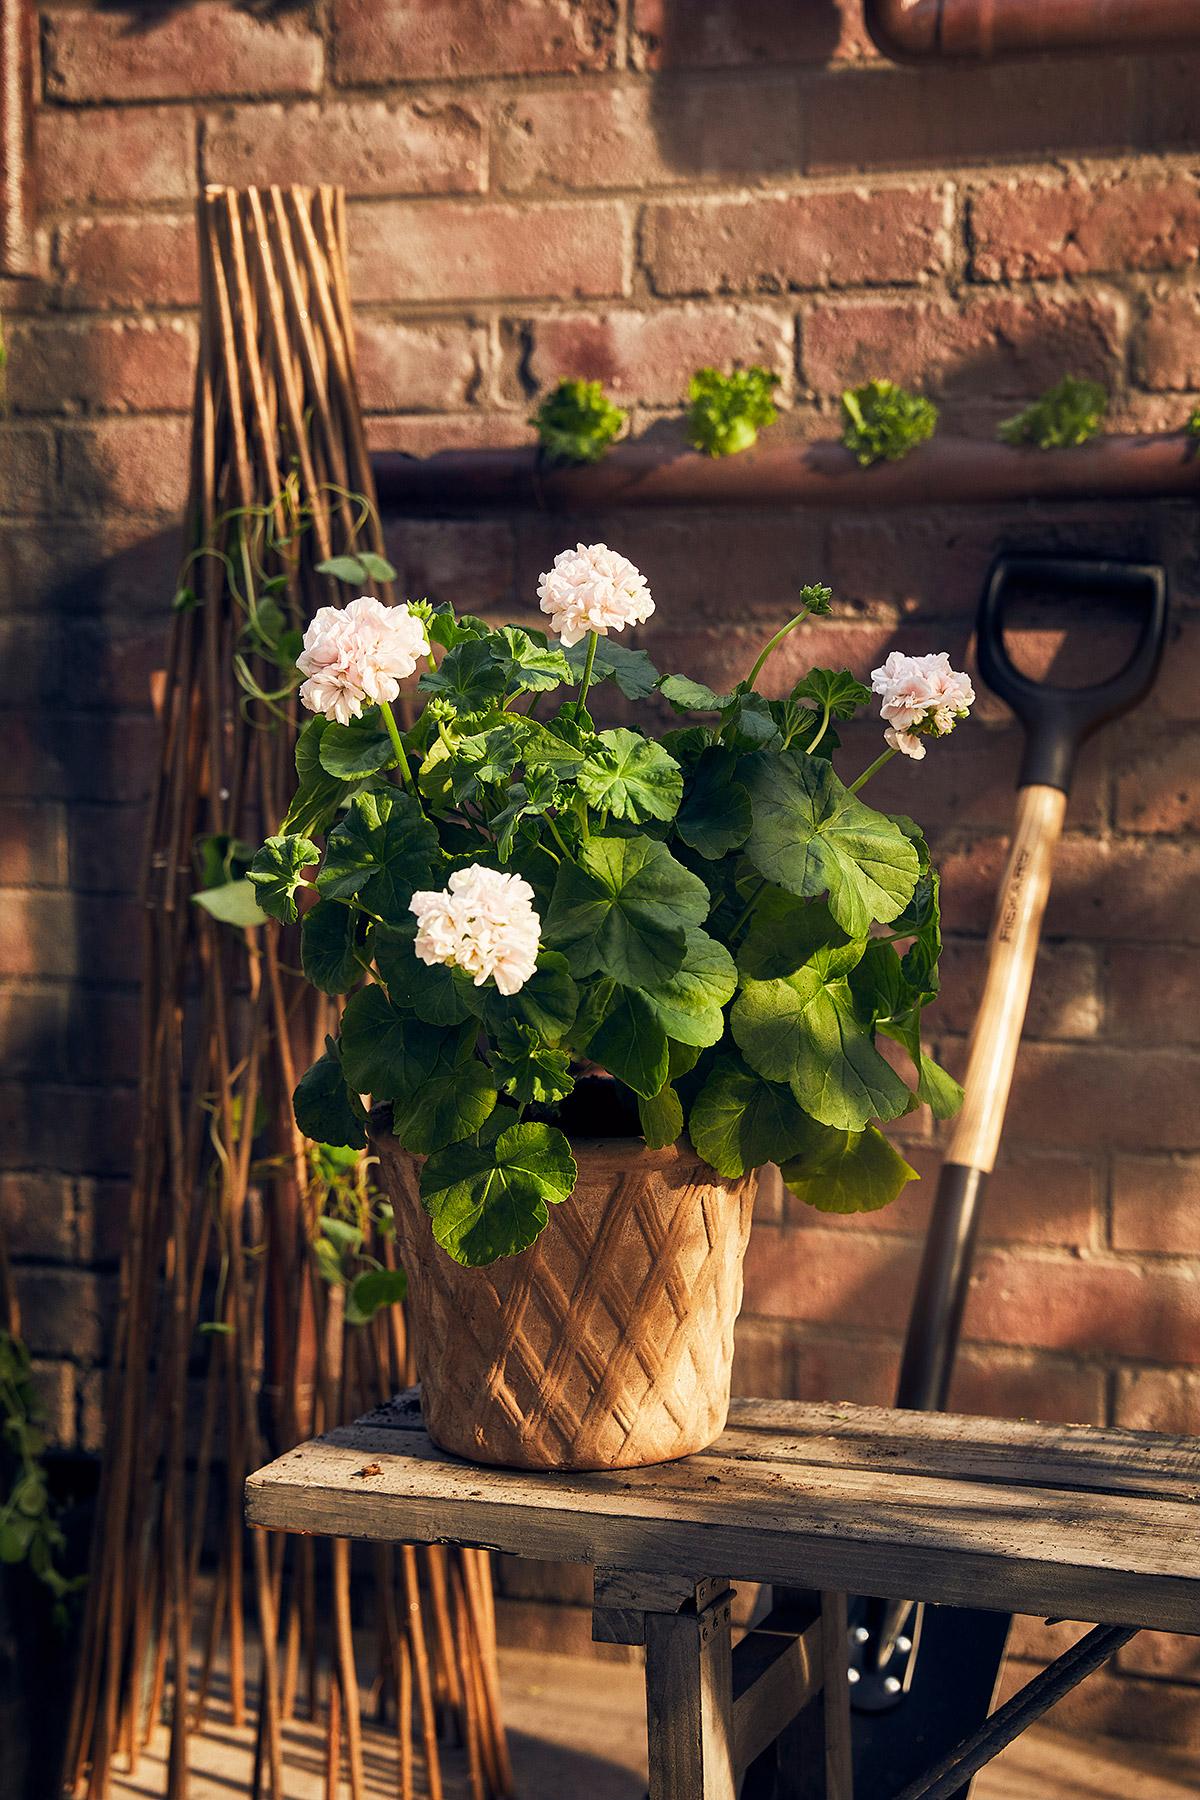 Blomsterlandet_Gerilla_10265_MINT.jpg